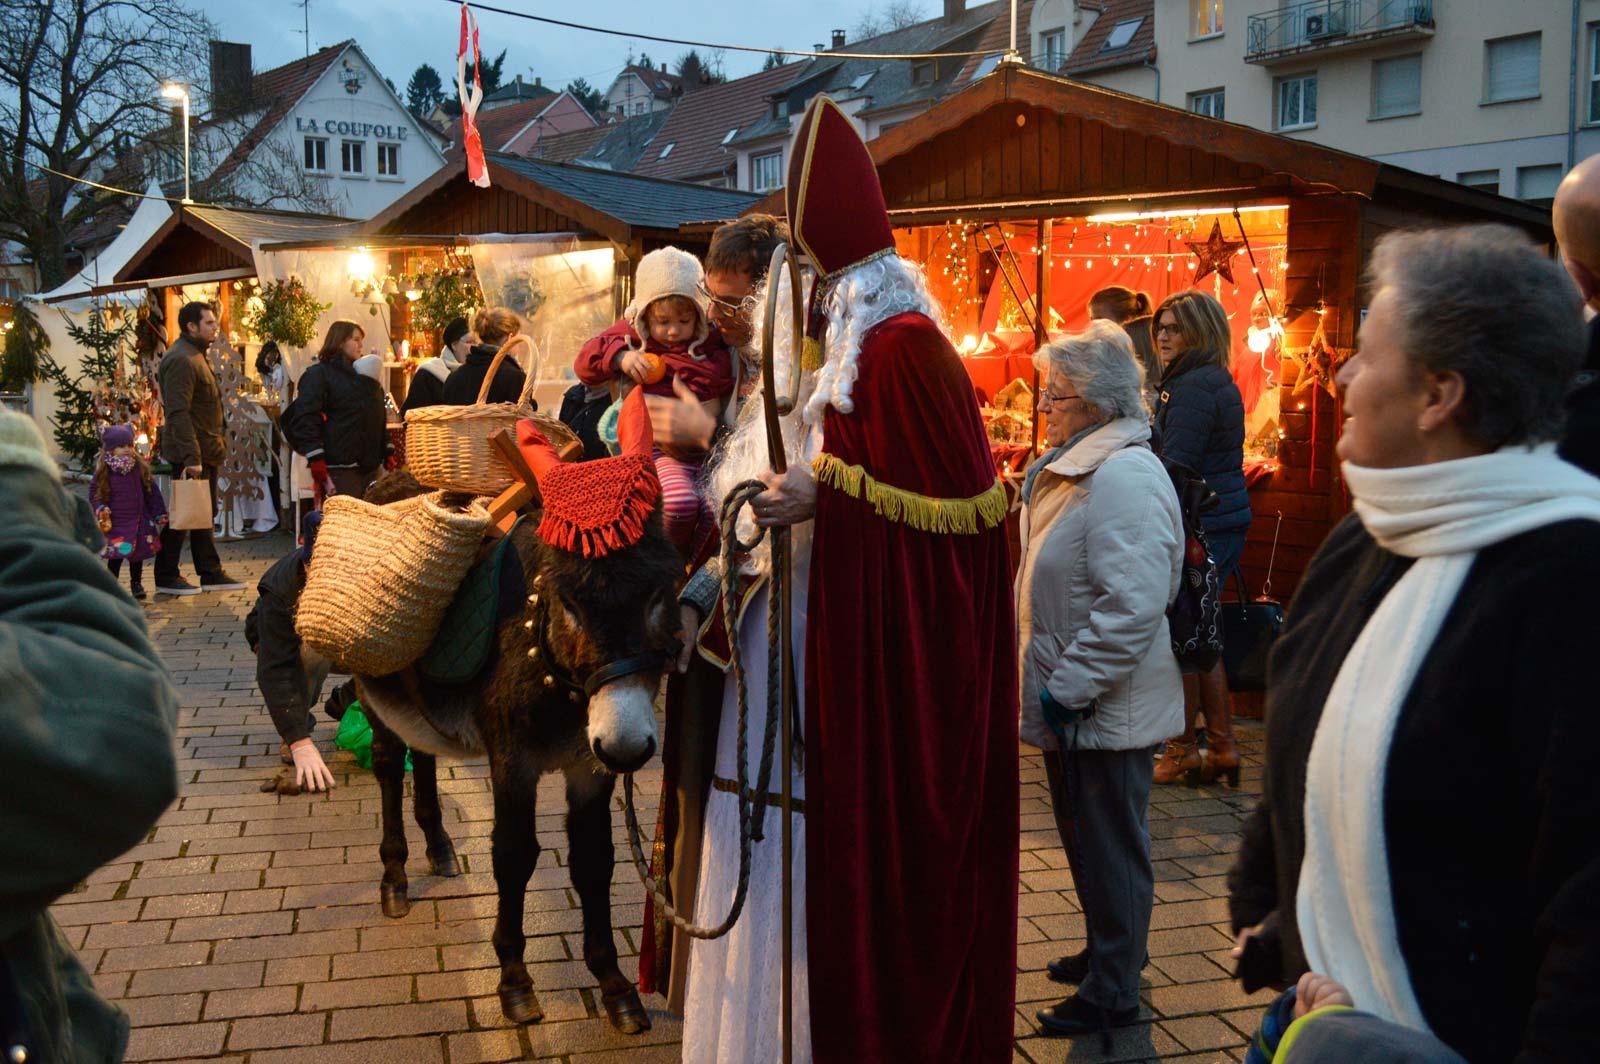 Rencontre avec le Saint-Nicolas et son âne